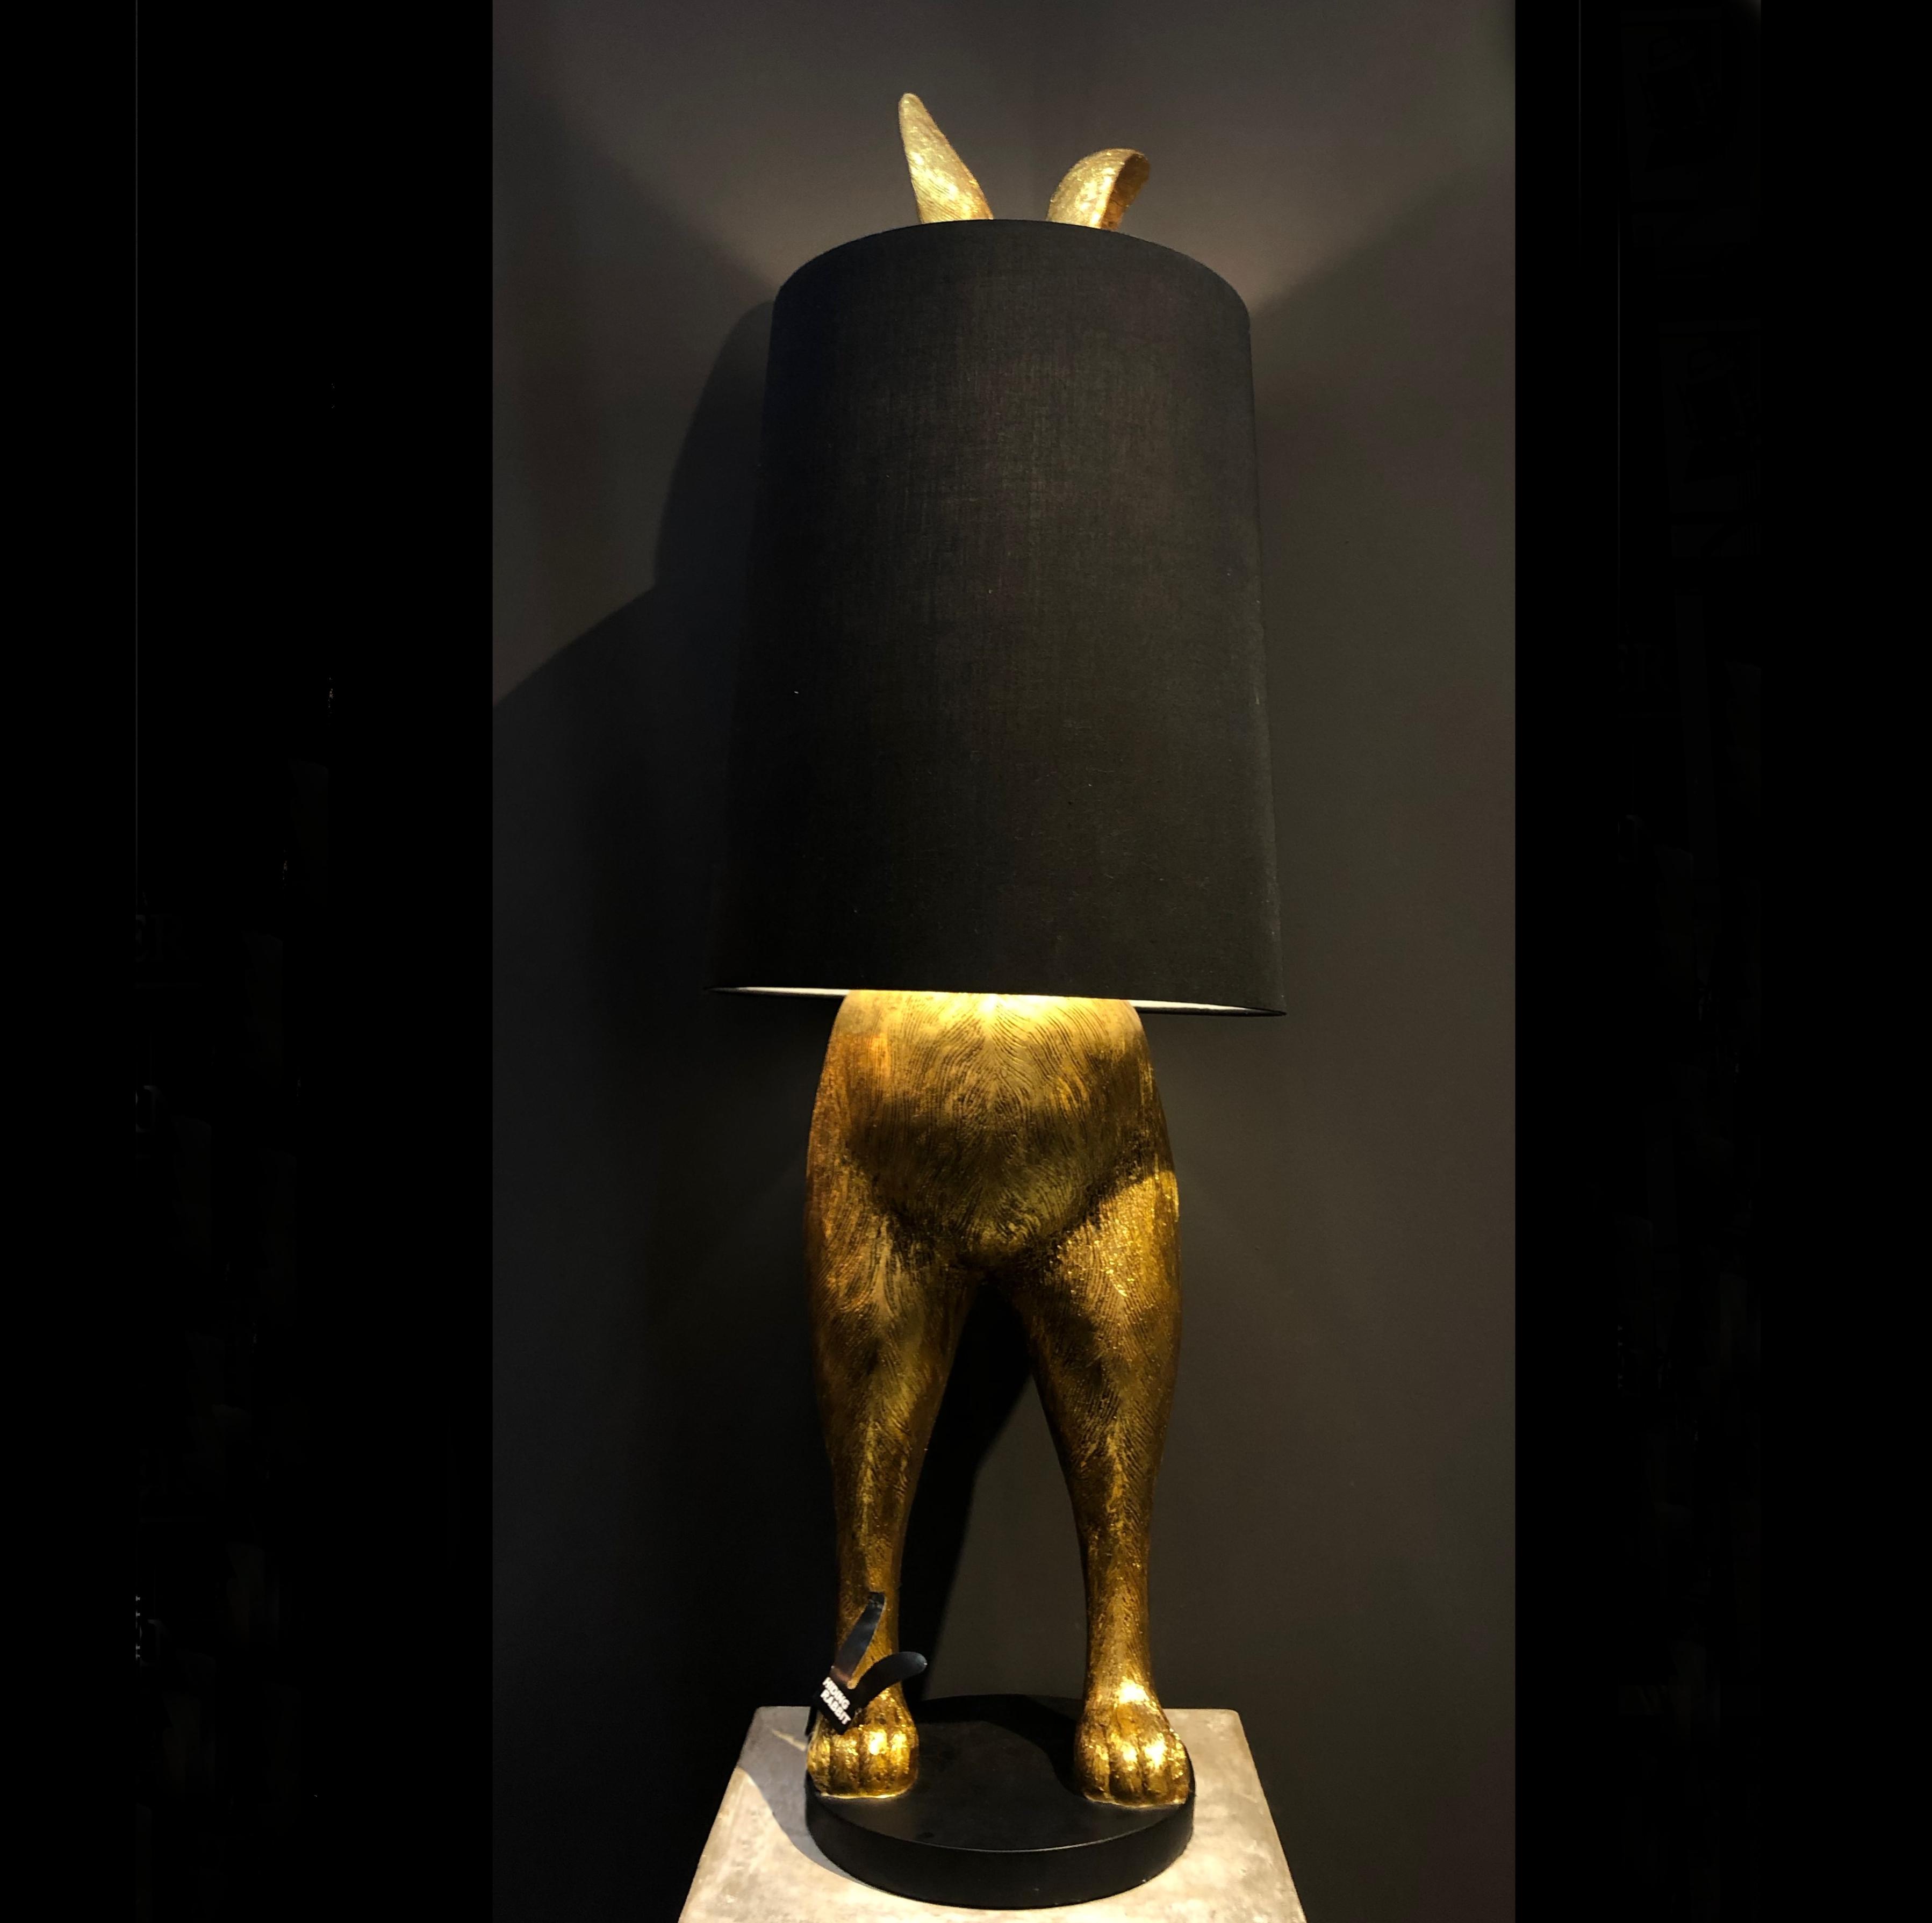 Luxus Edle Extravagante Stehlampe Hase Gold Schwarz Rabbit 115 Cm